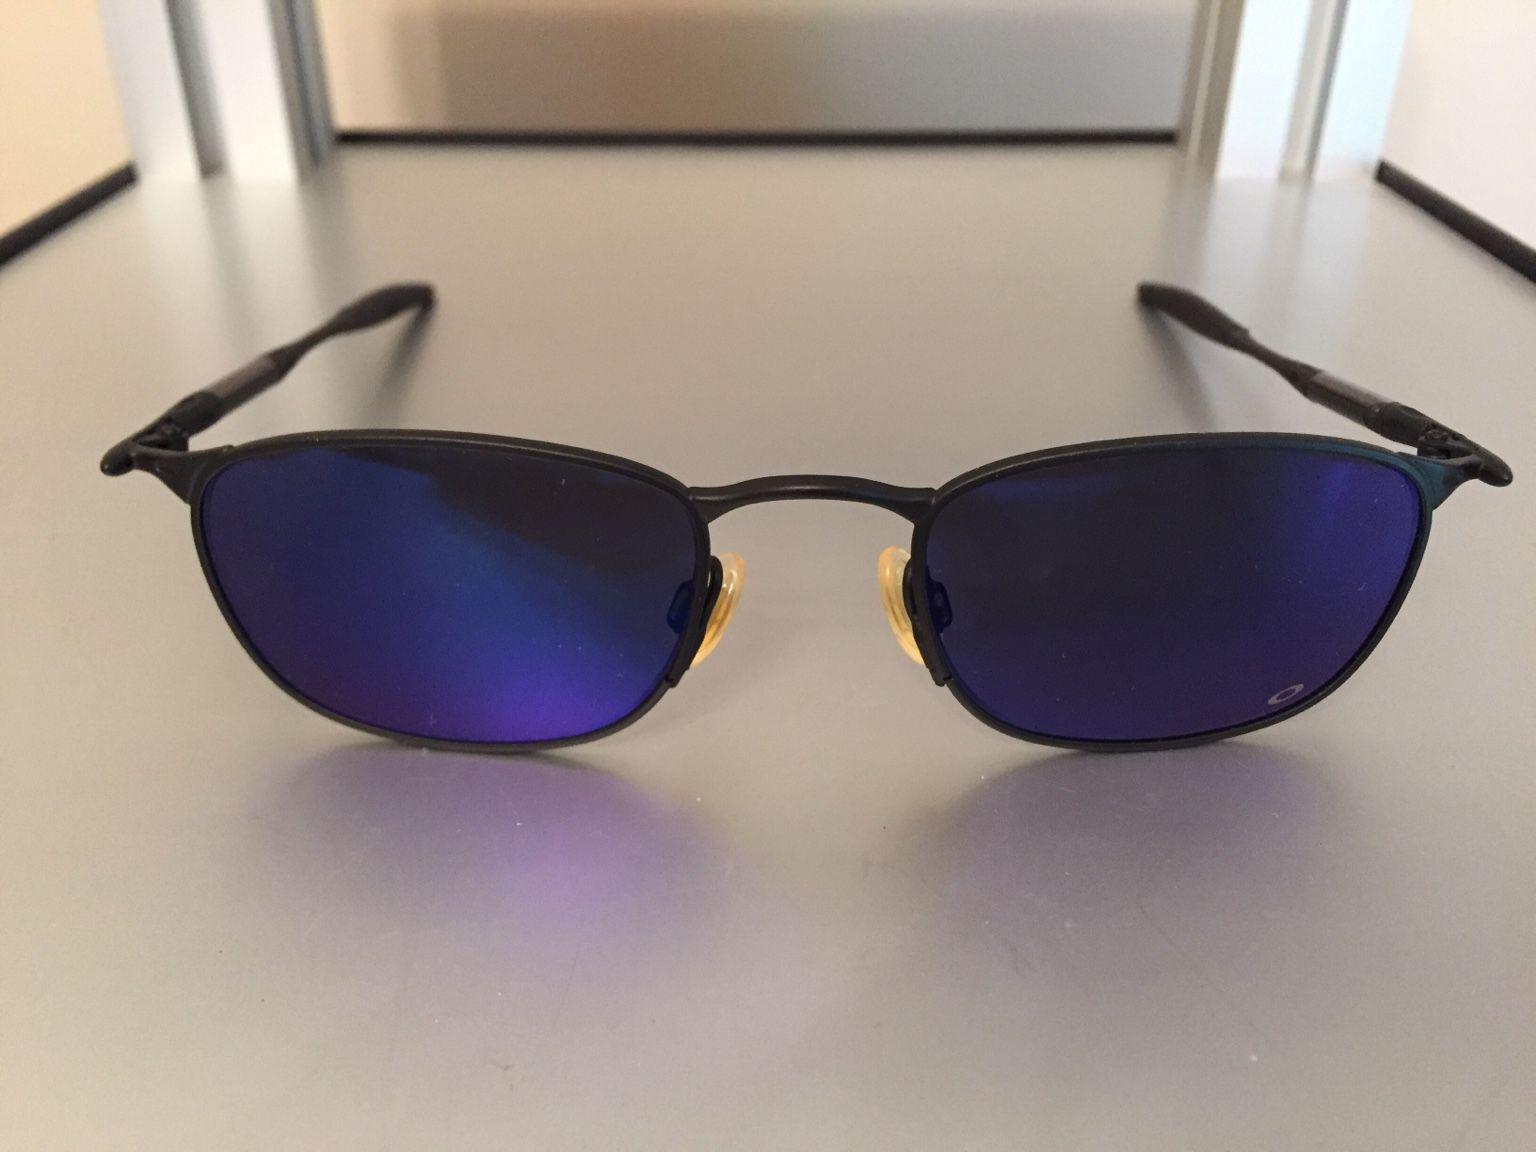 X Man Matte Black Jordan OO - 05deabd65a096f2df3c9c1890a12e899.jpg